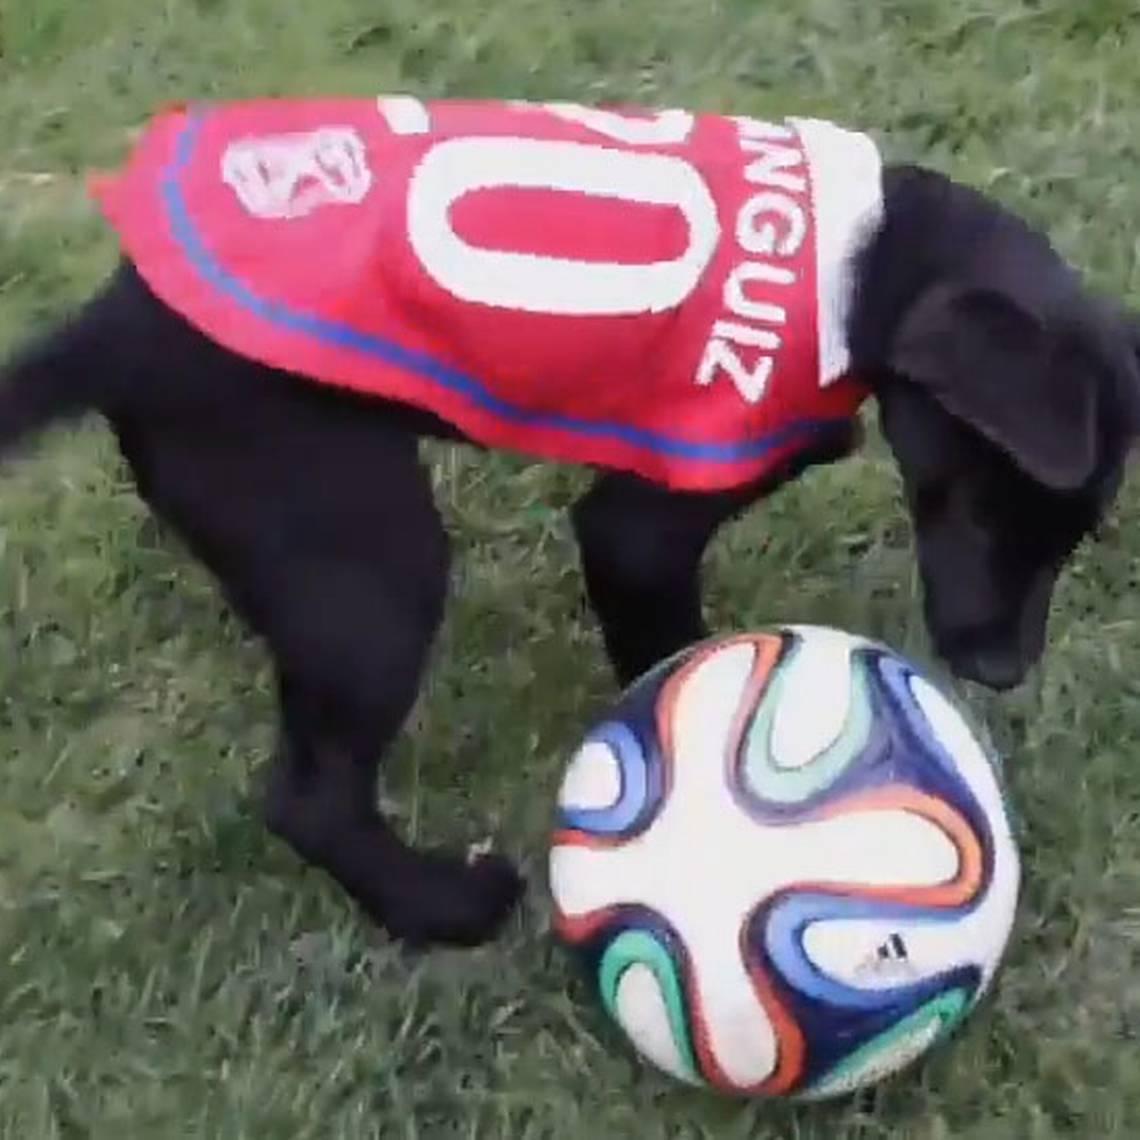 Cachorros de Carabineros protagonizan arenga para \'La Roja\'